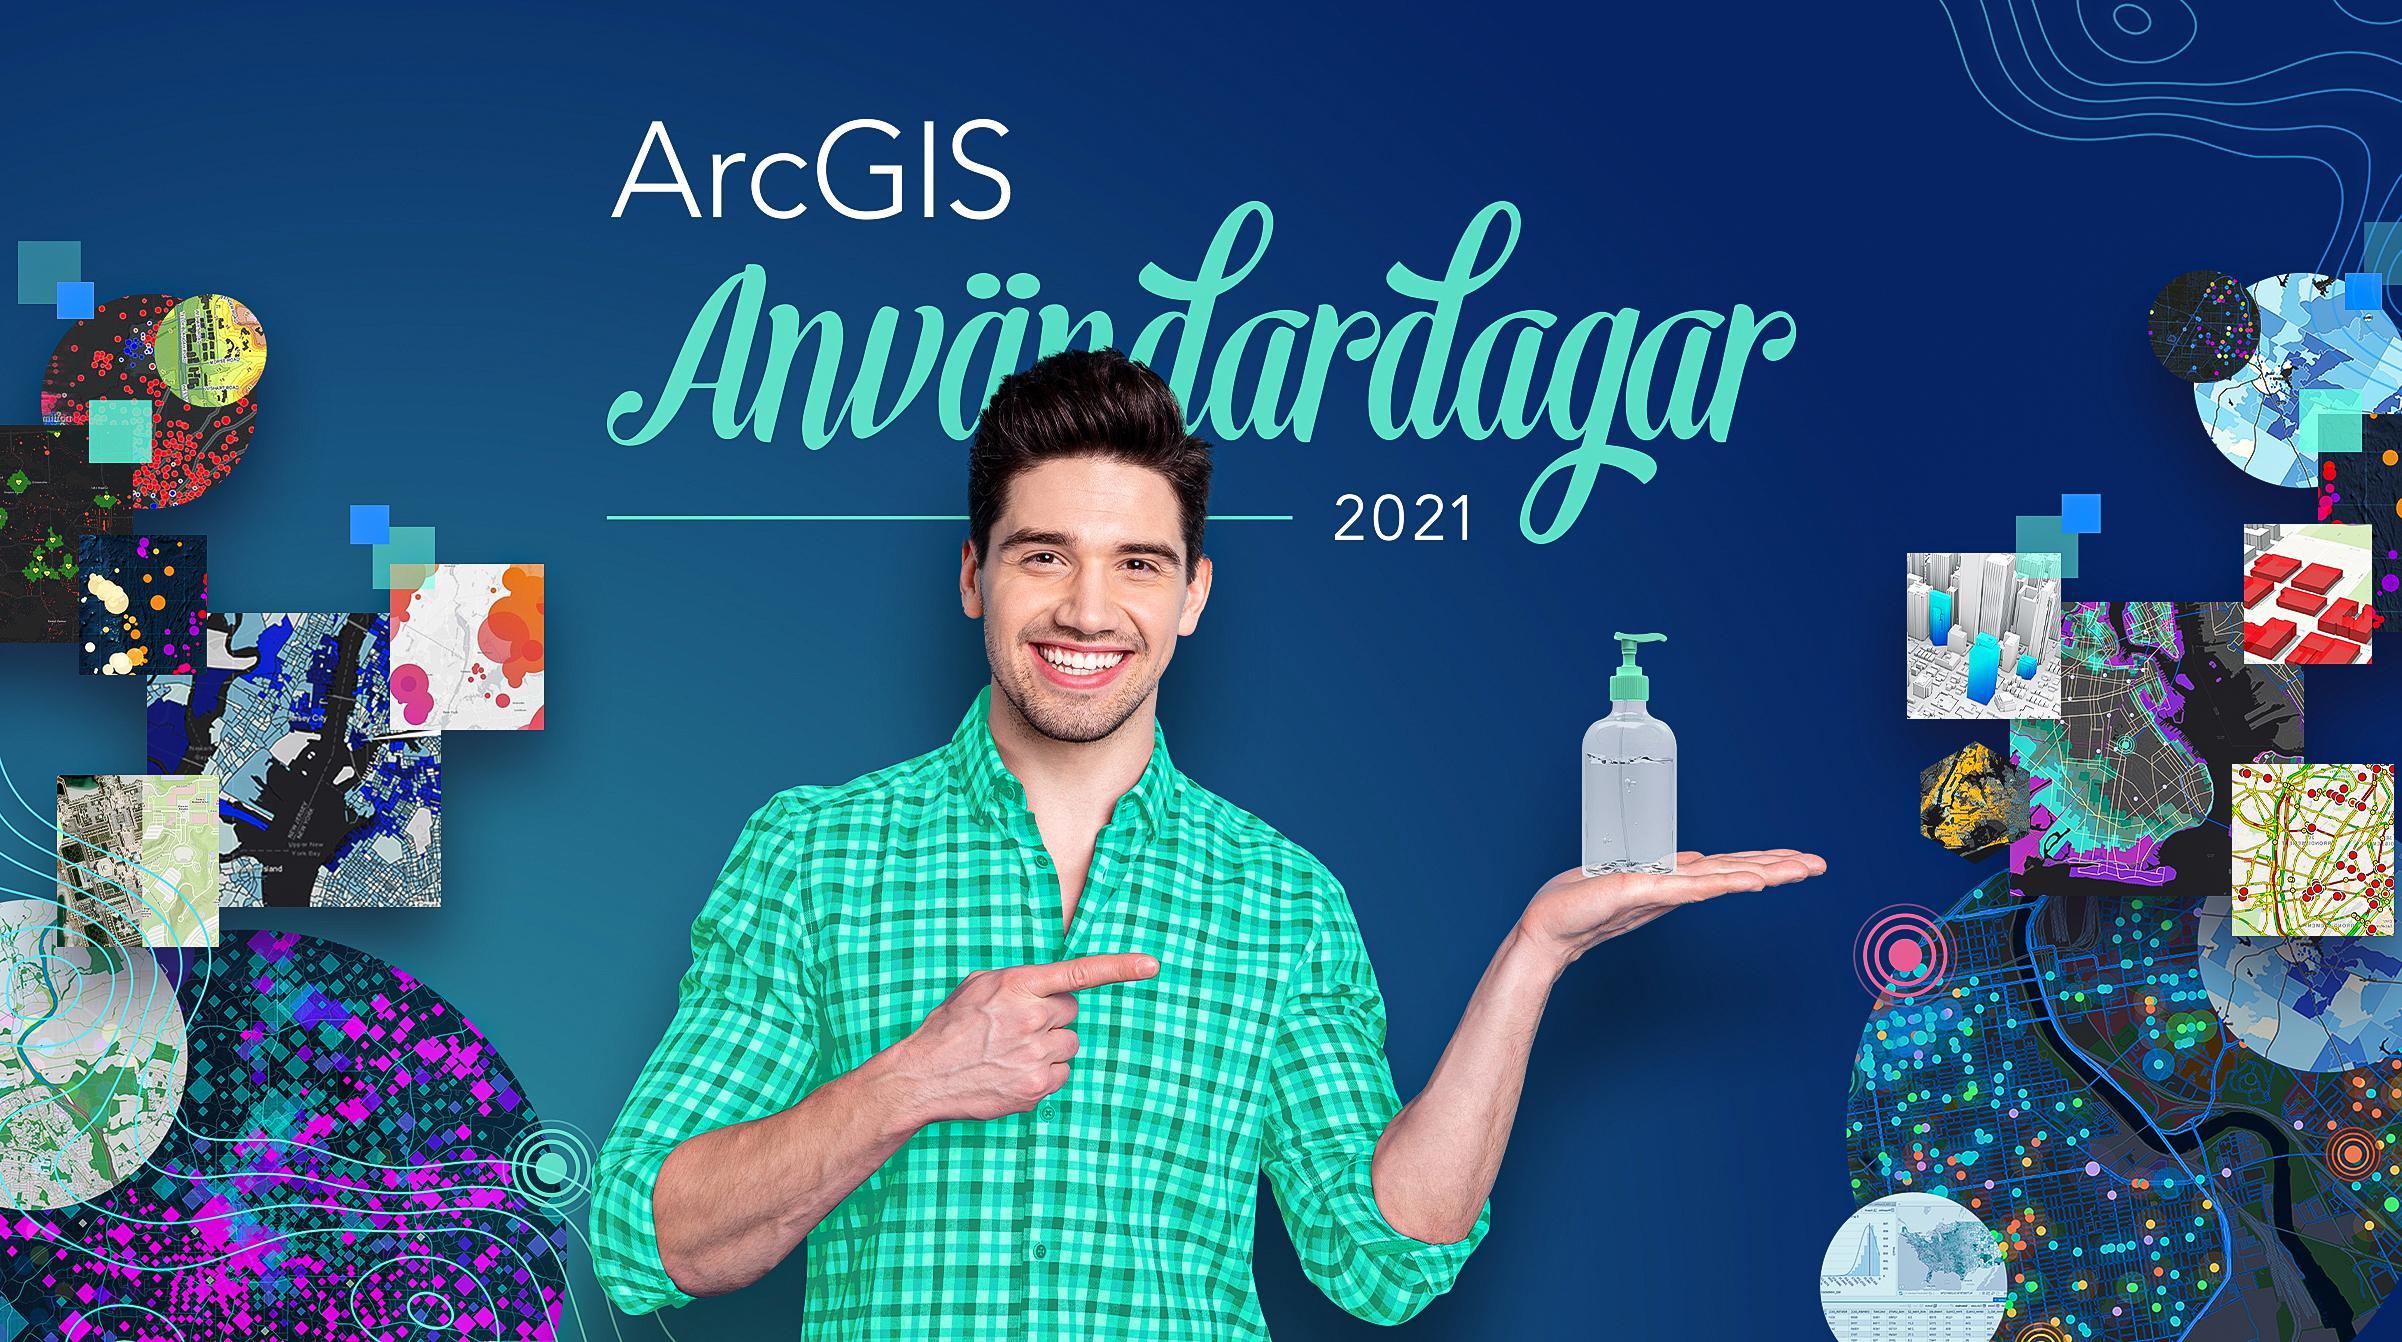 Säker medverkan på ArcGIS Användardagar 2021